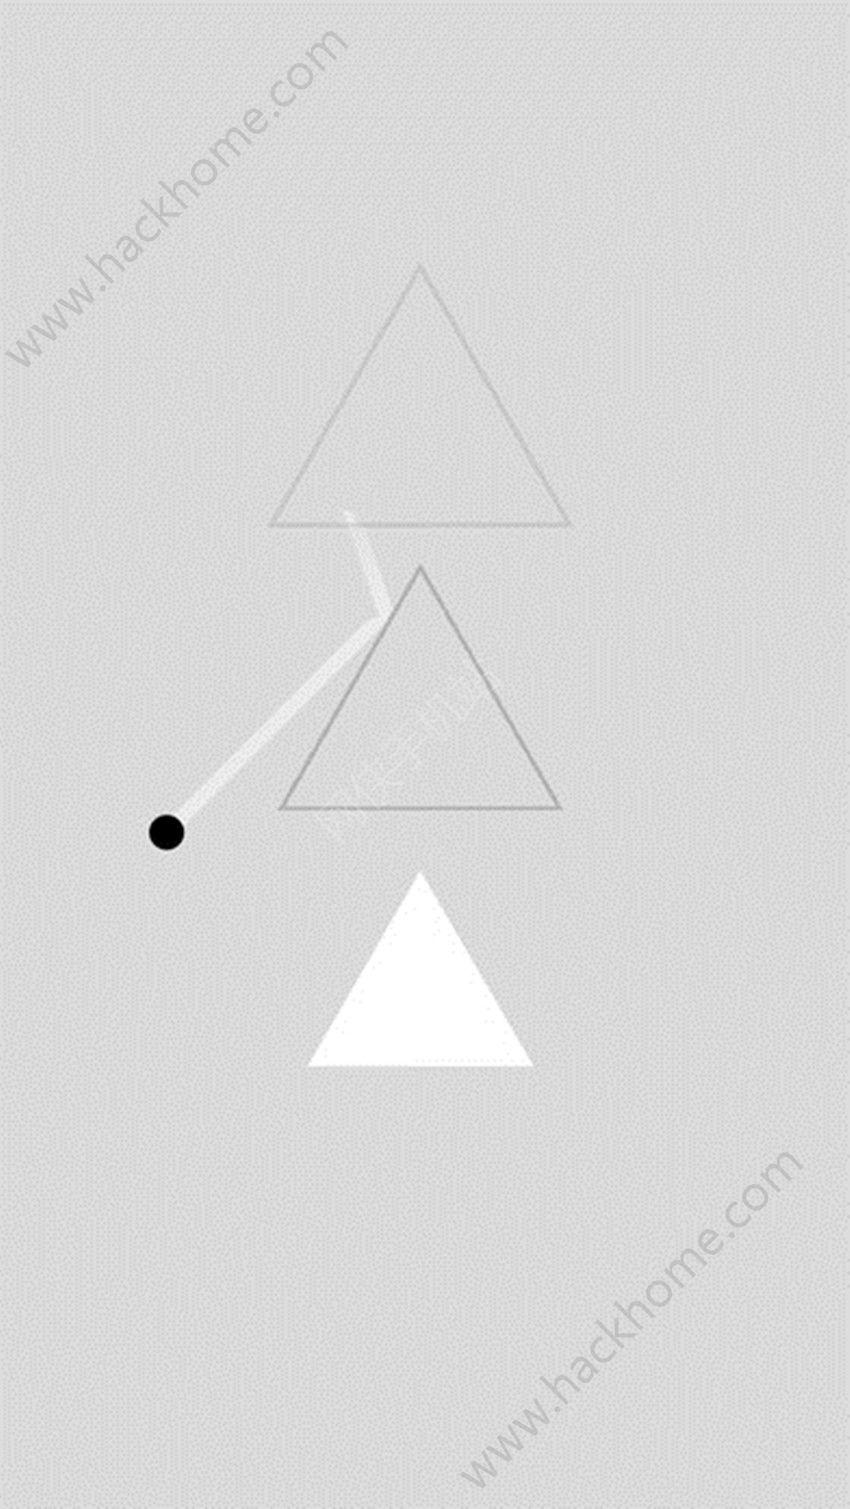 反射球游戏手机版下载图3: